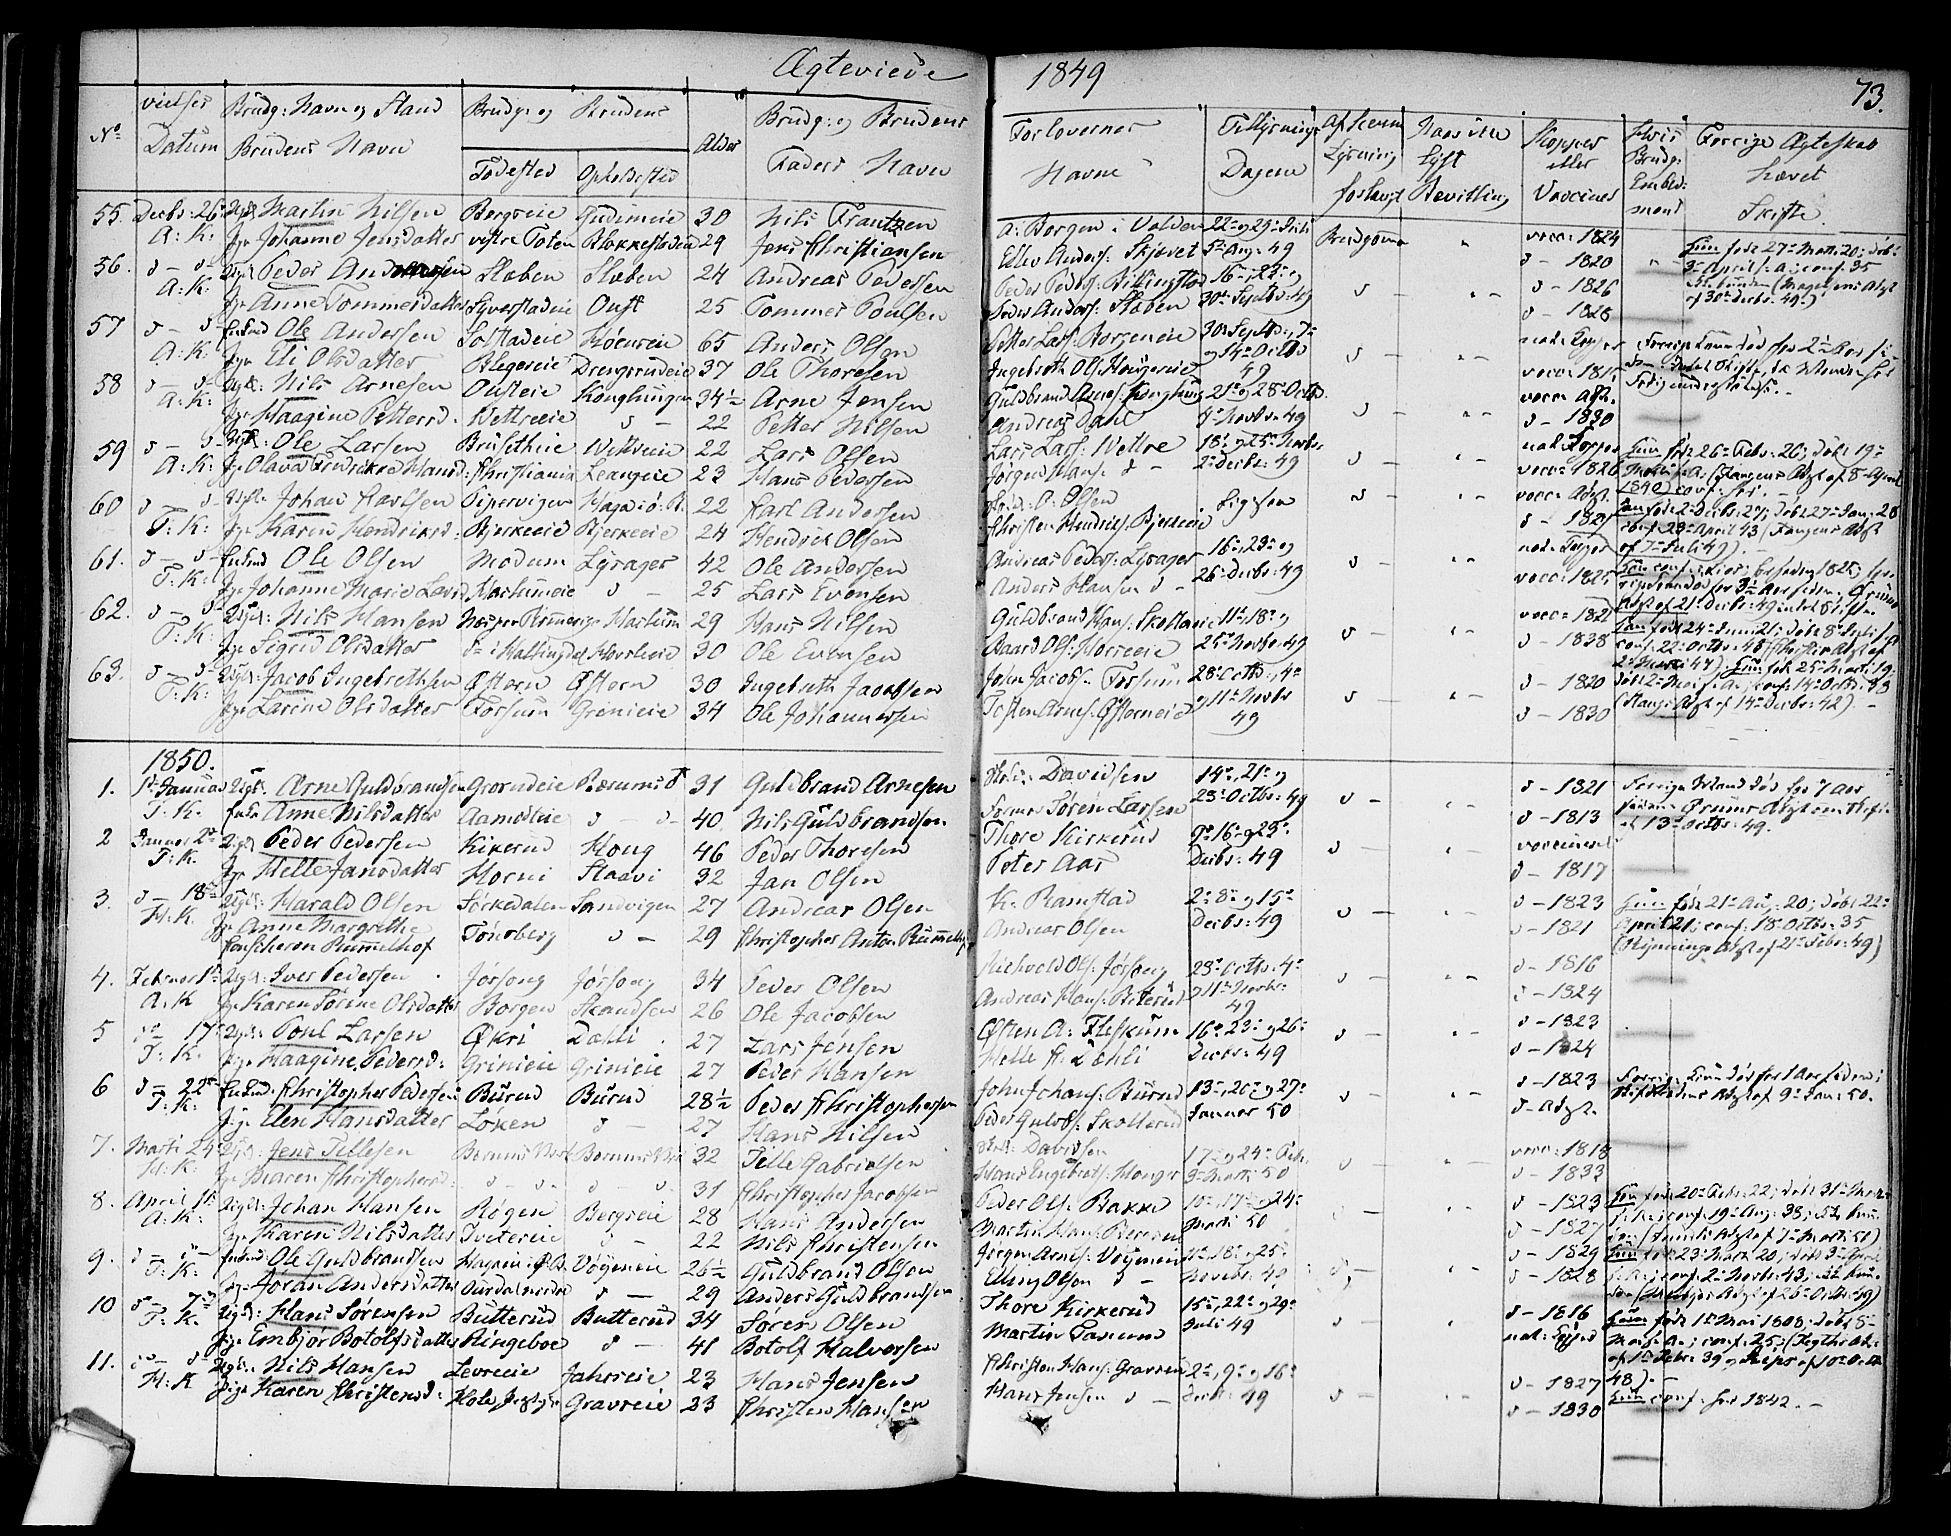 SAO, Asker prestekontor Kirkebøker, F/Fa/L0010: Ministerialbok nr. I 10, 1825-1878, s. 73